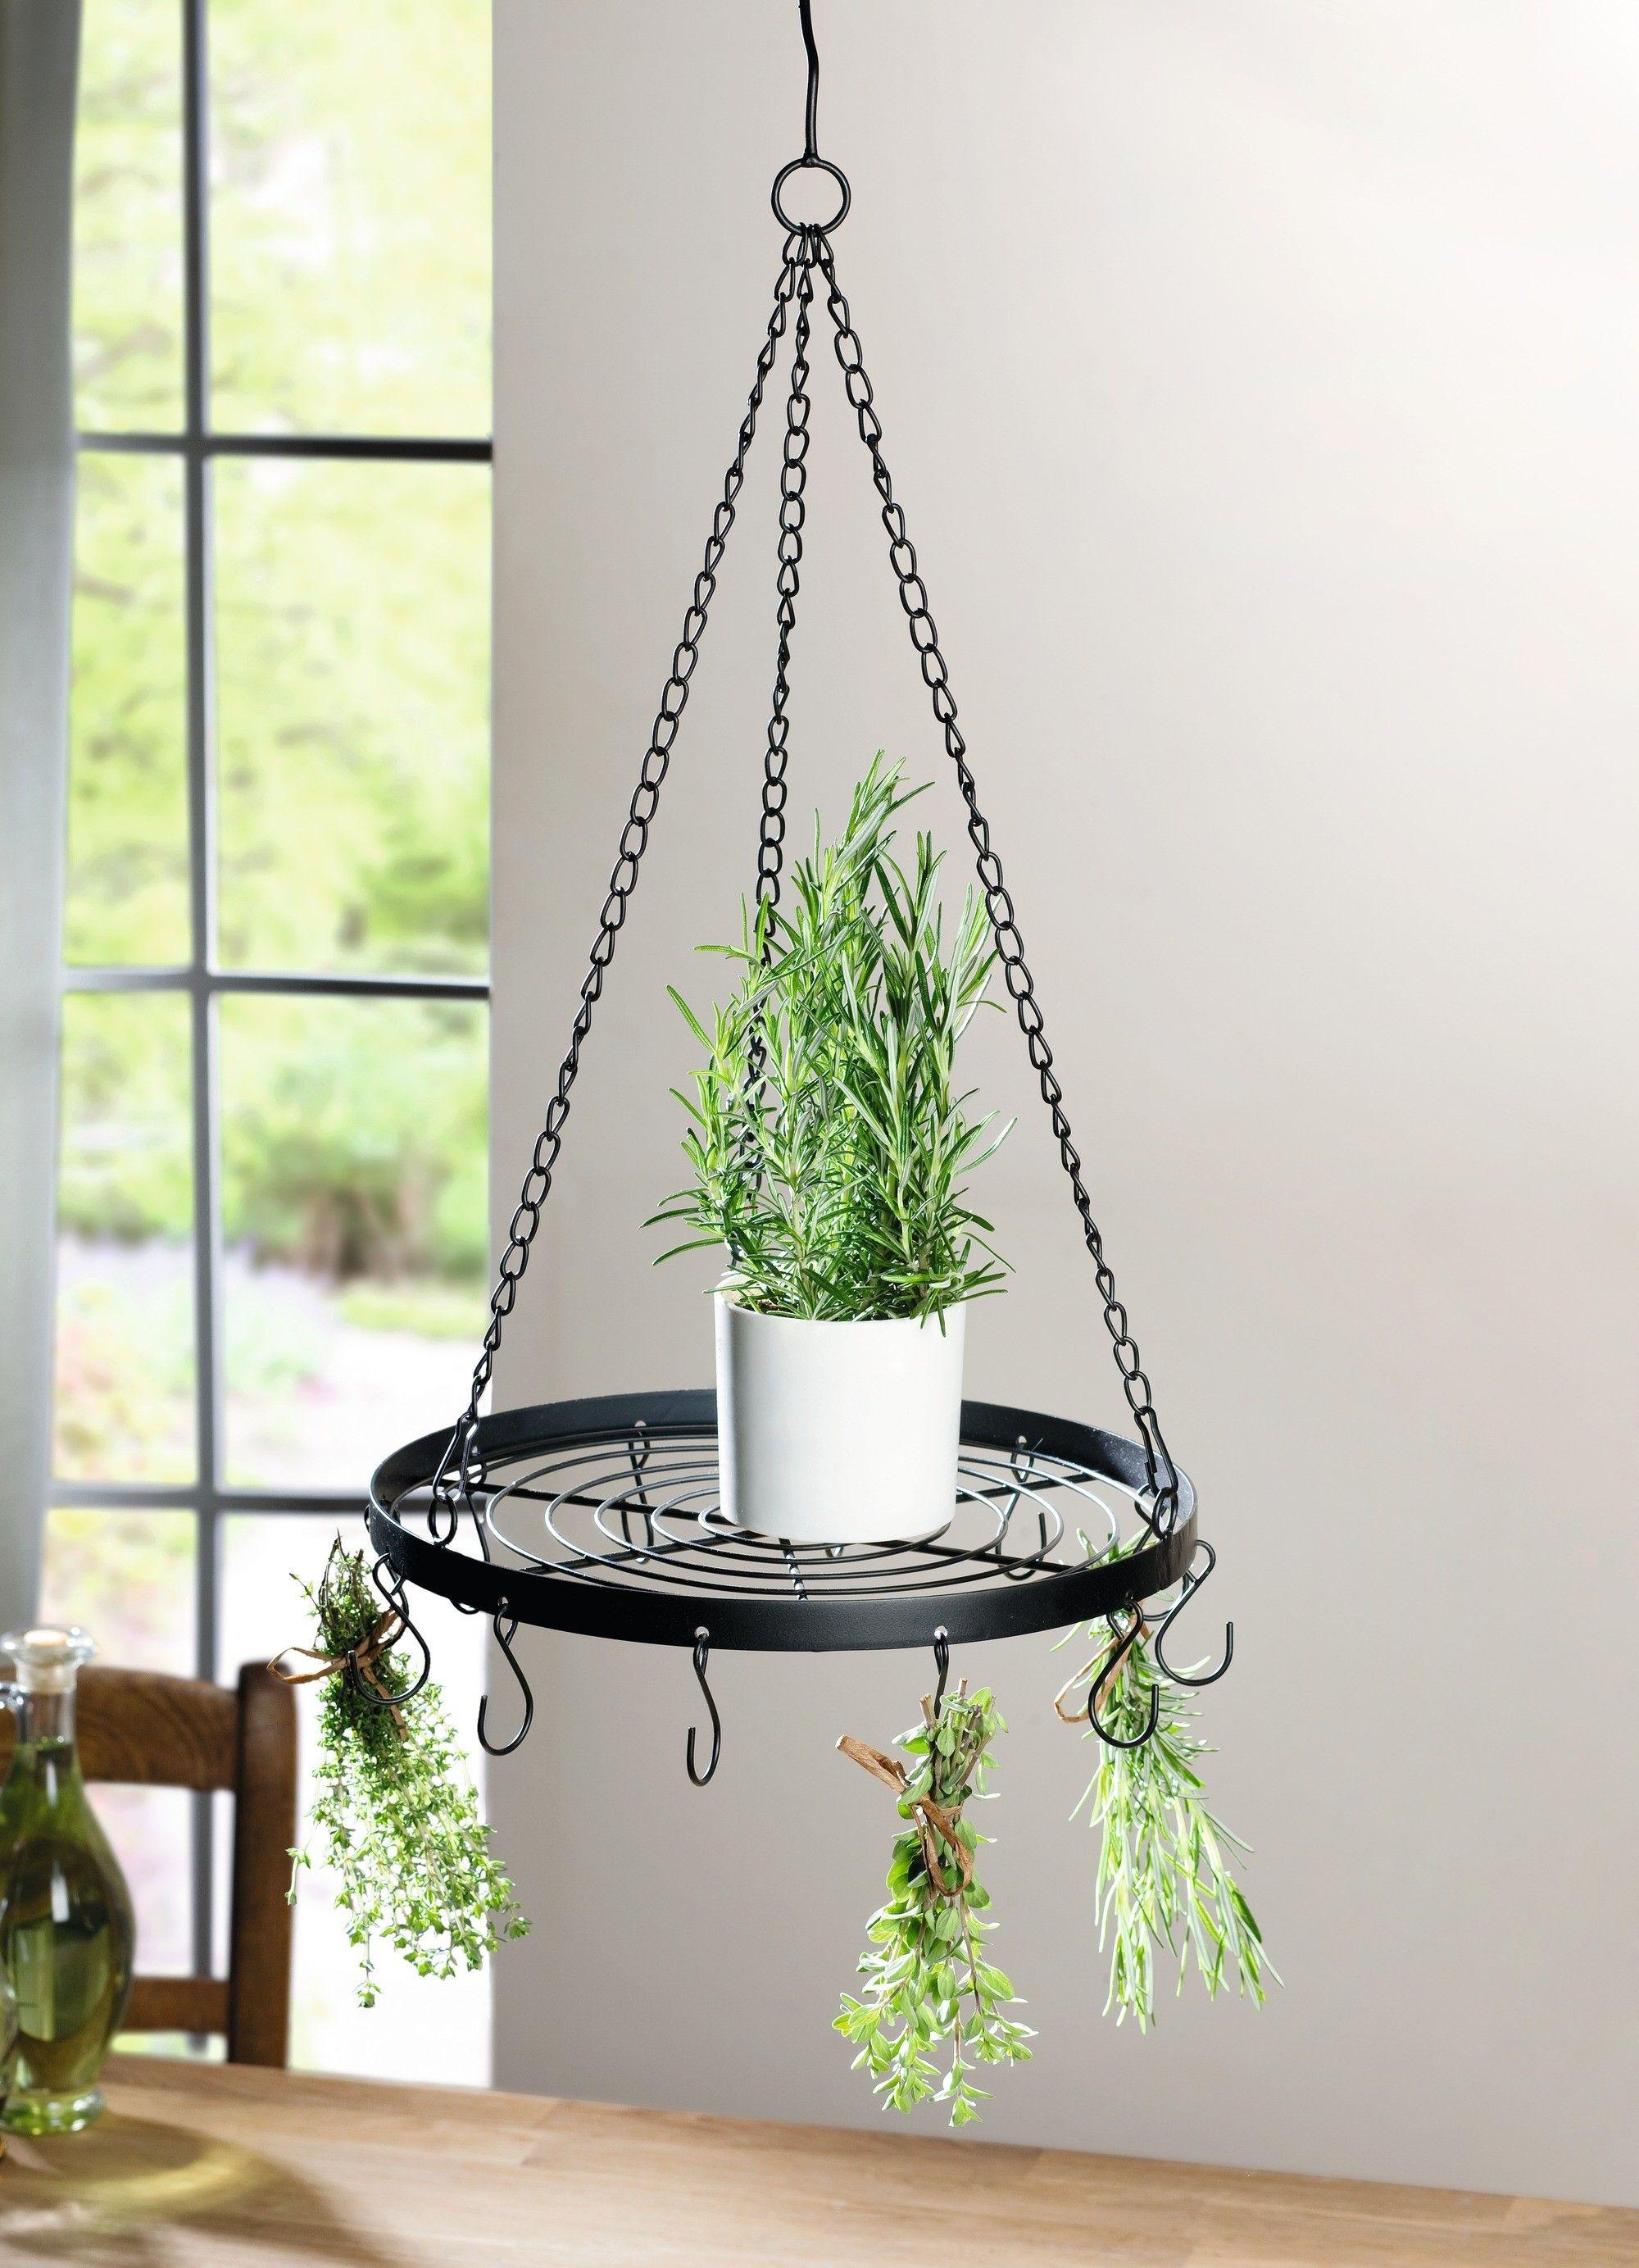 metall h nger kr uterkrone matt schwarz lackiert 12 haken ordnen die k chenutensilien runde. Black Bedroom Furniture Sets. Home Design Ideas